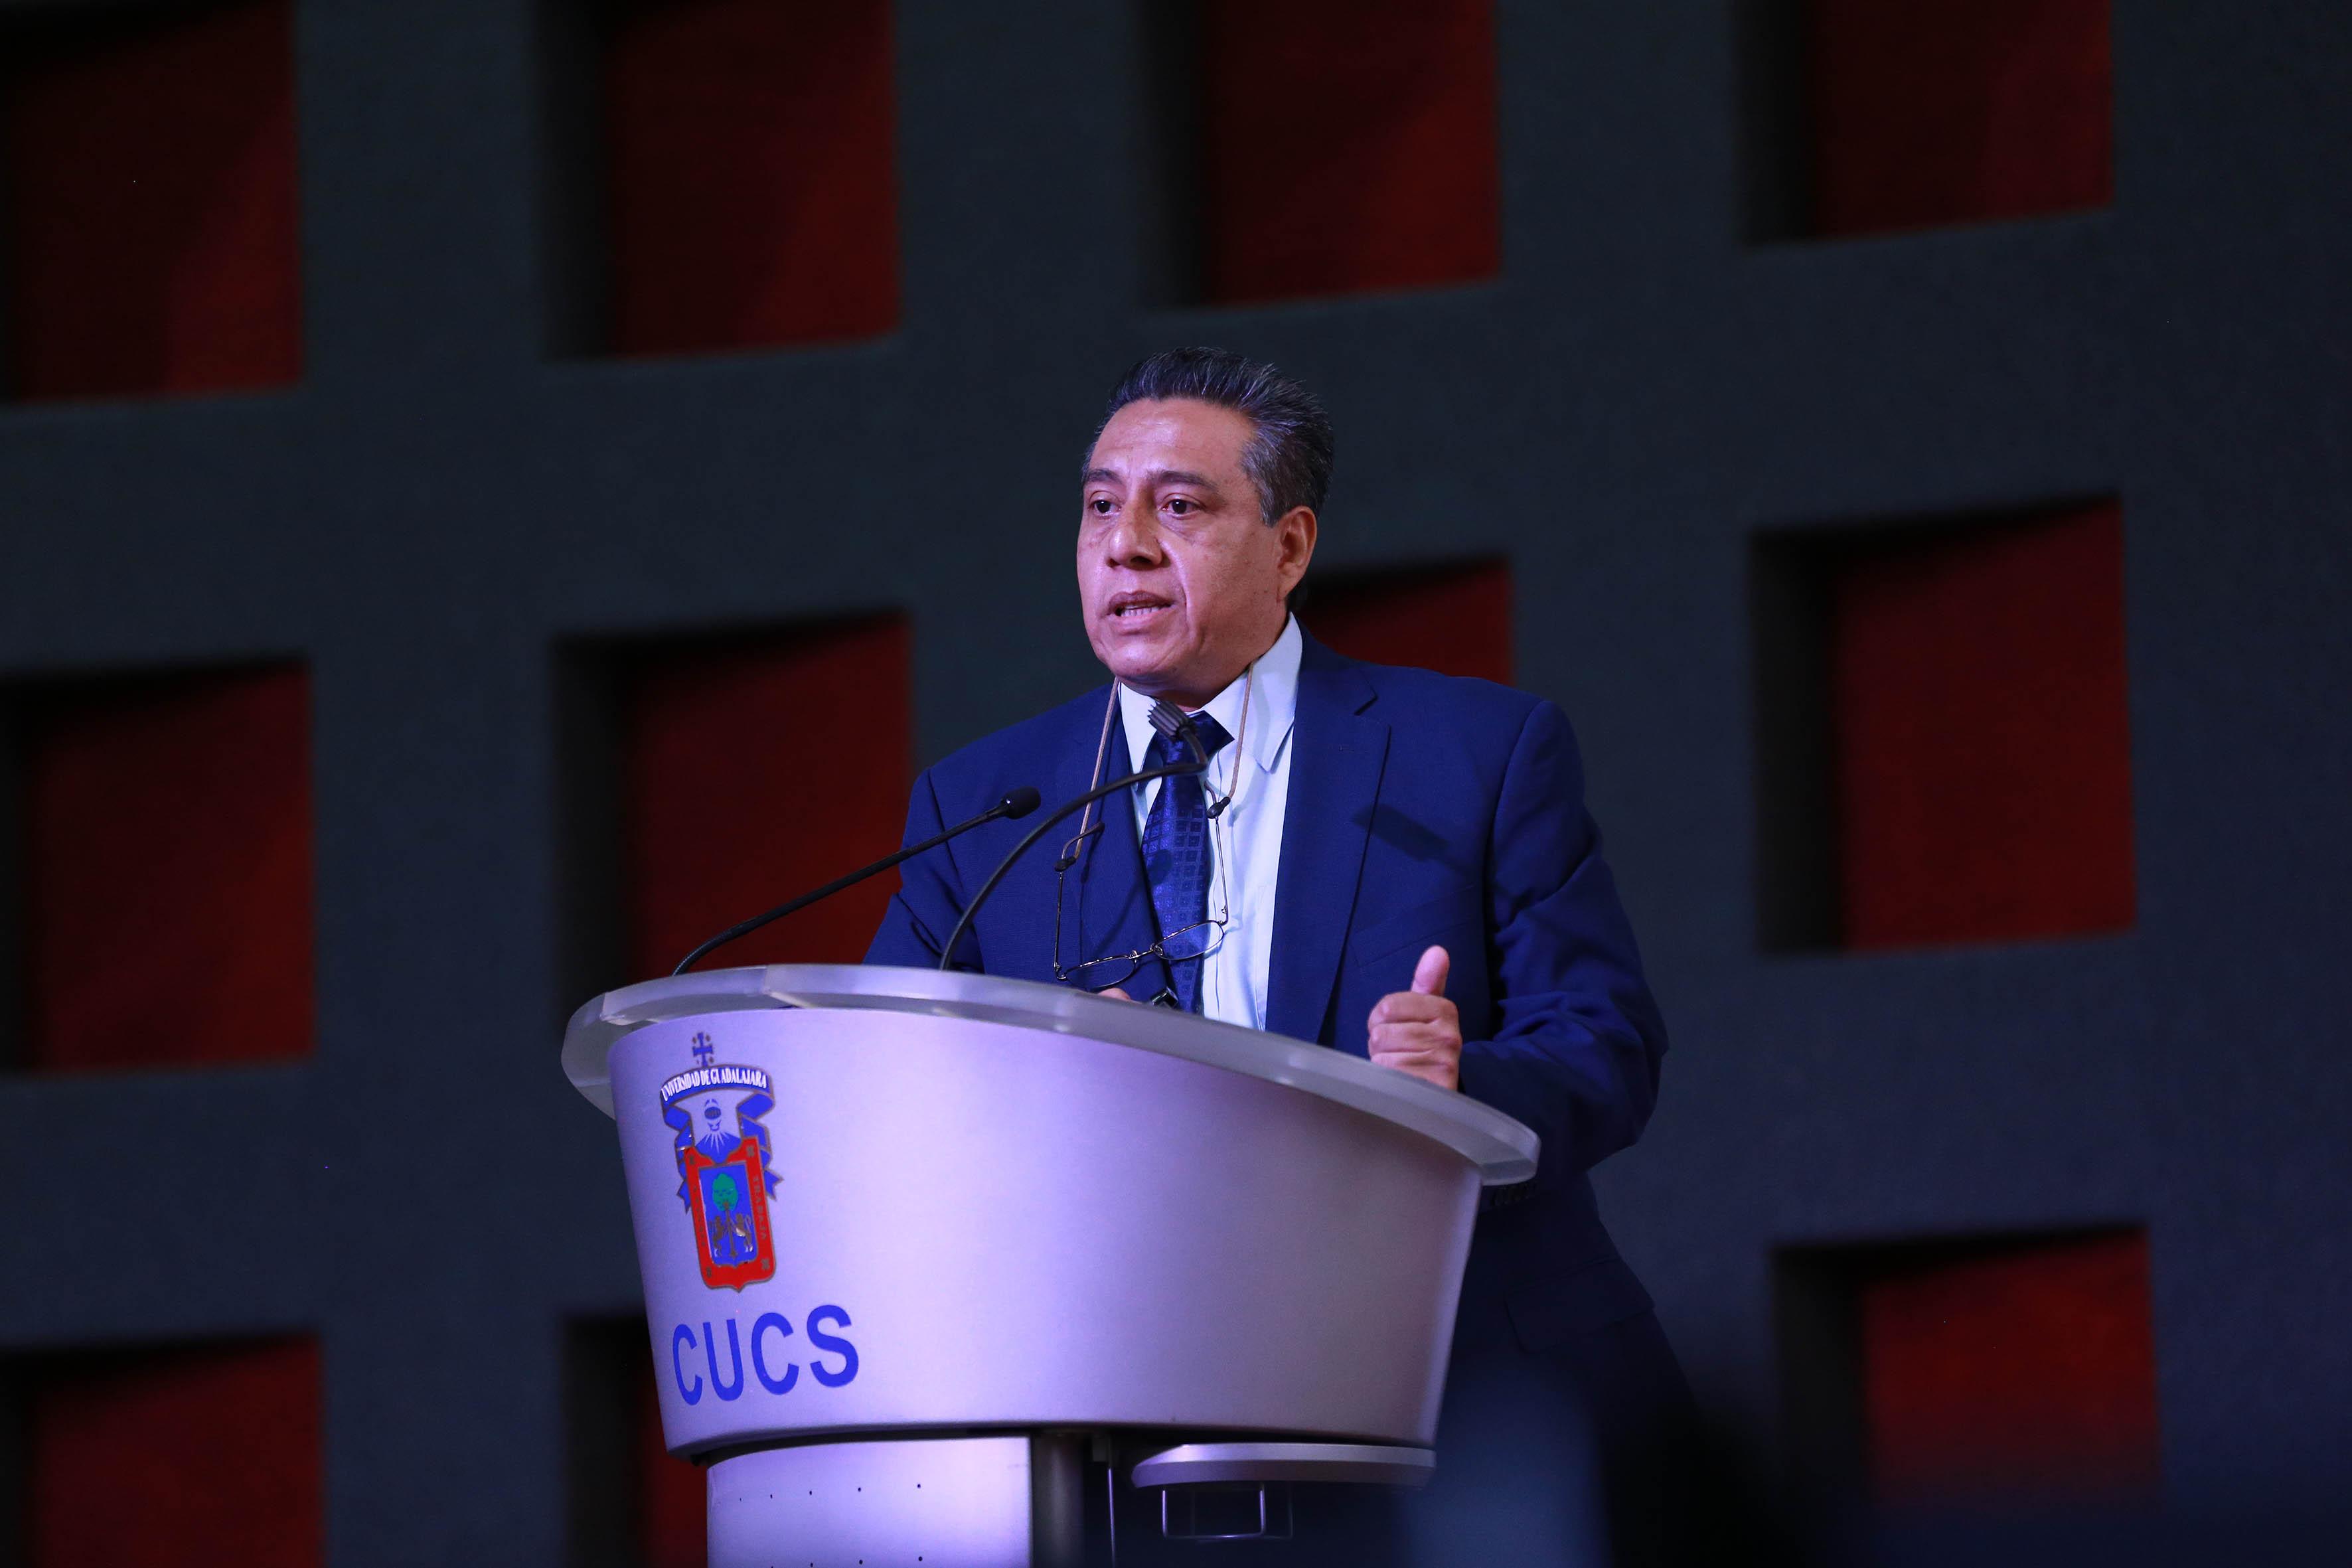 Director Instituto Regional de Salud Pública imartiendo conferencia